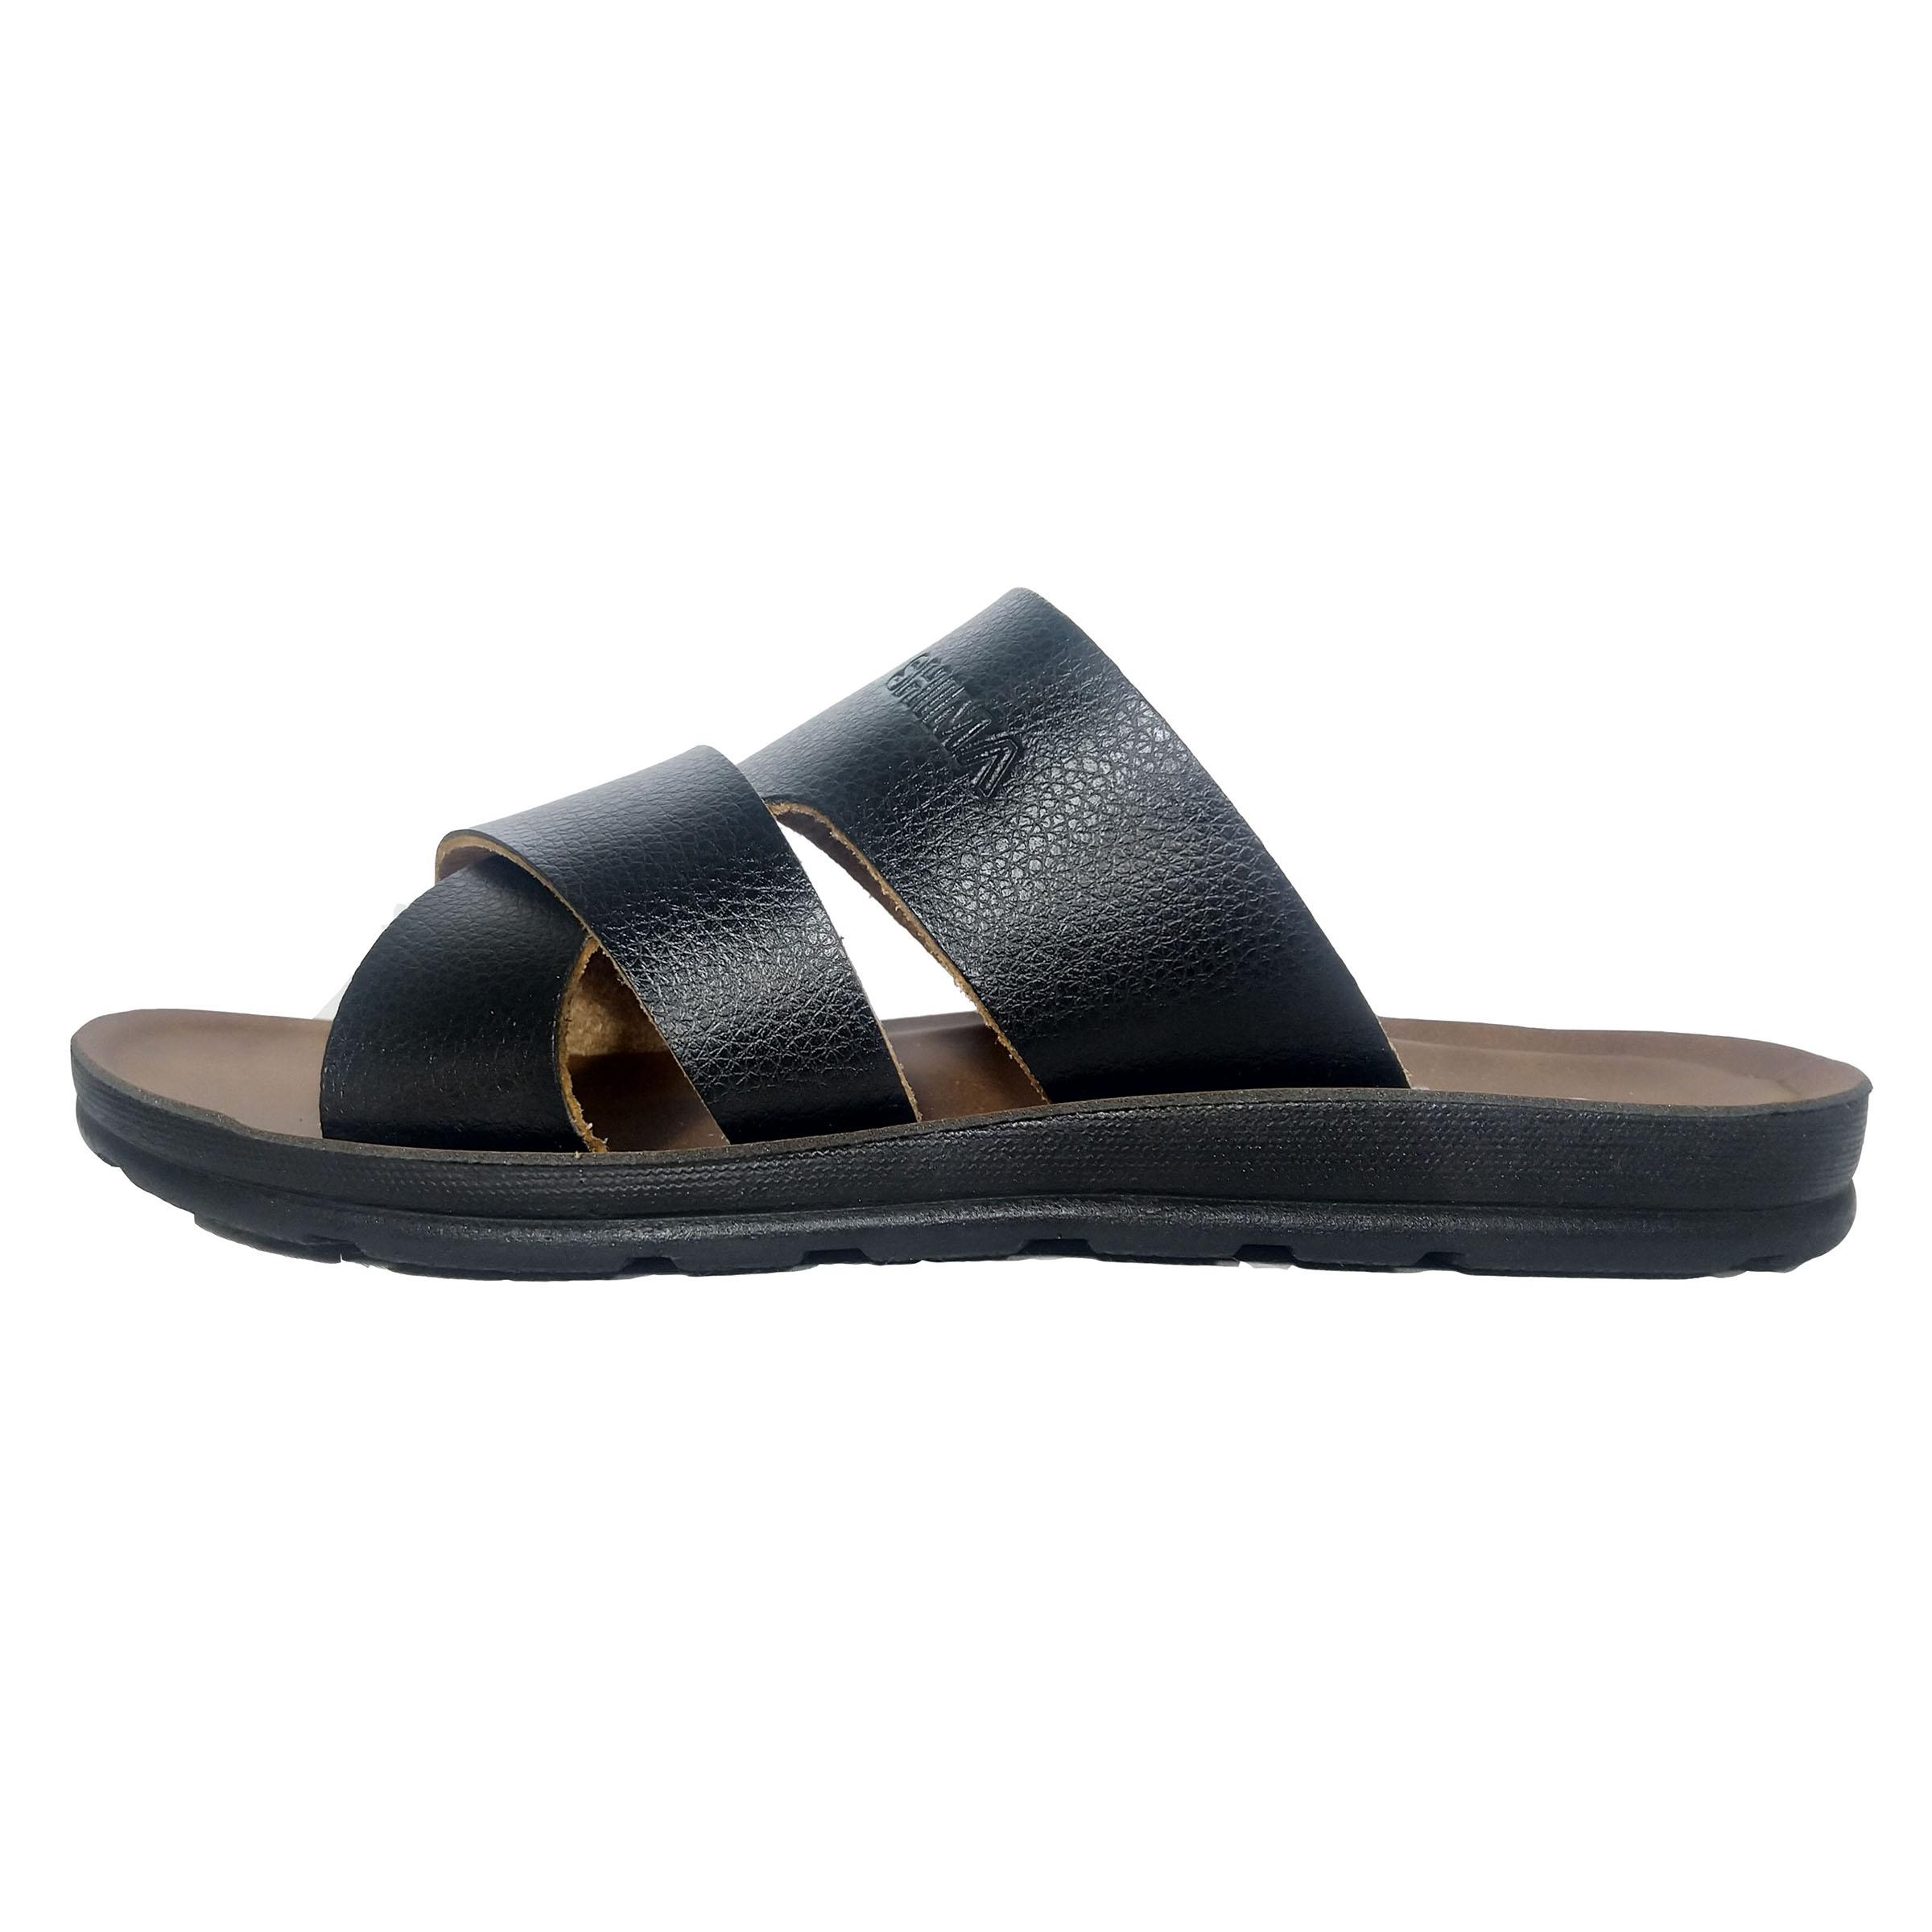 دمپایی مردانه کفش شیما مدل پرتو کد 05 رنگ مشکی